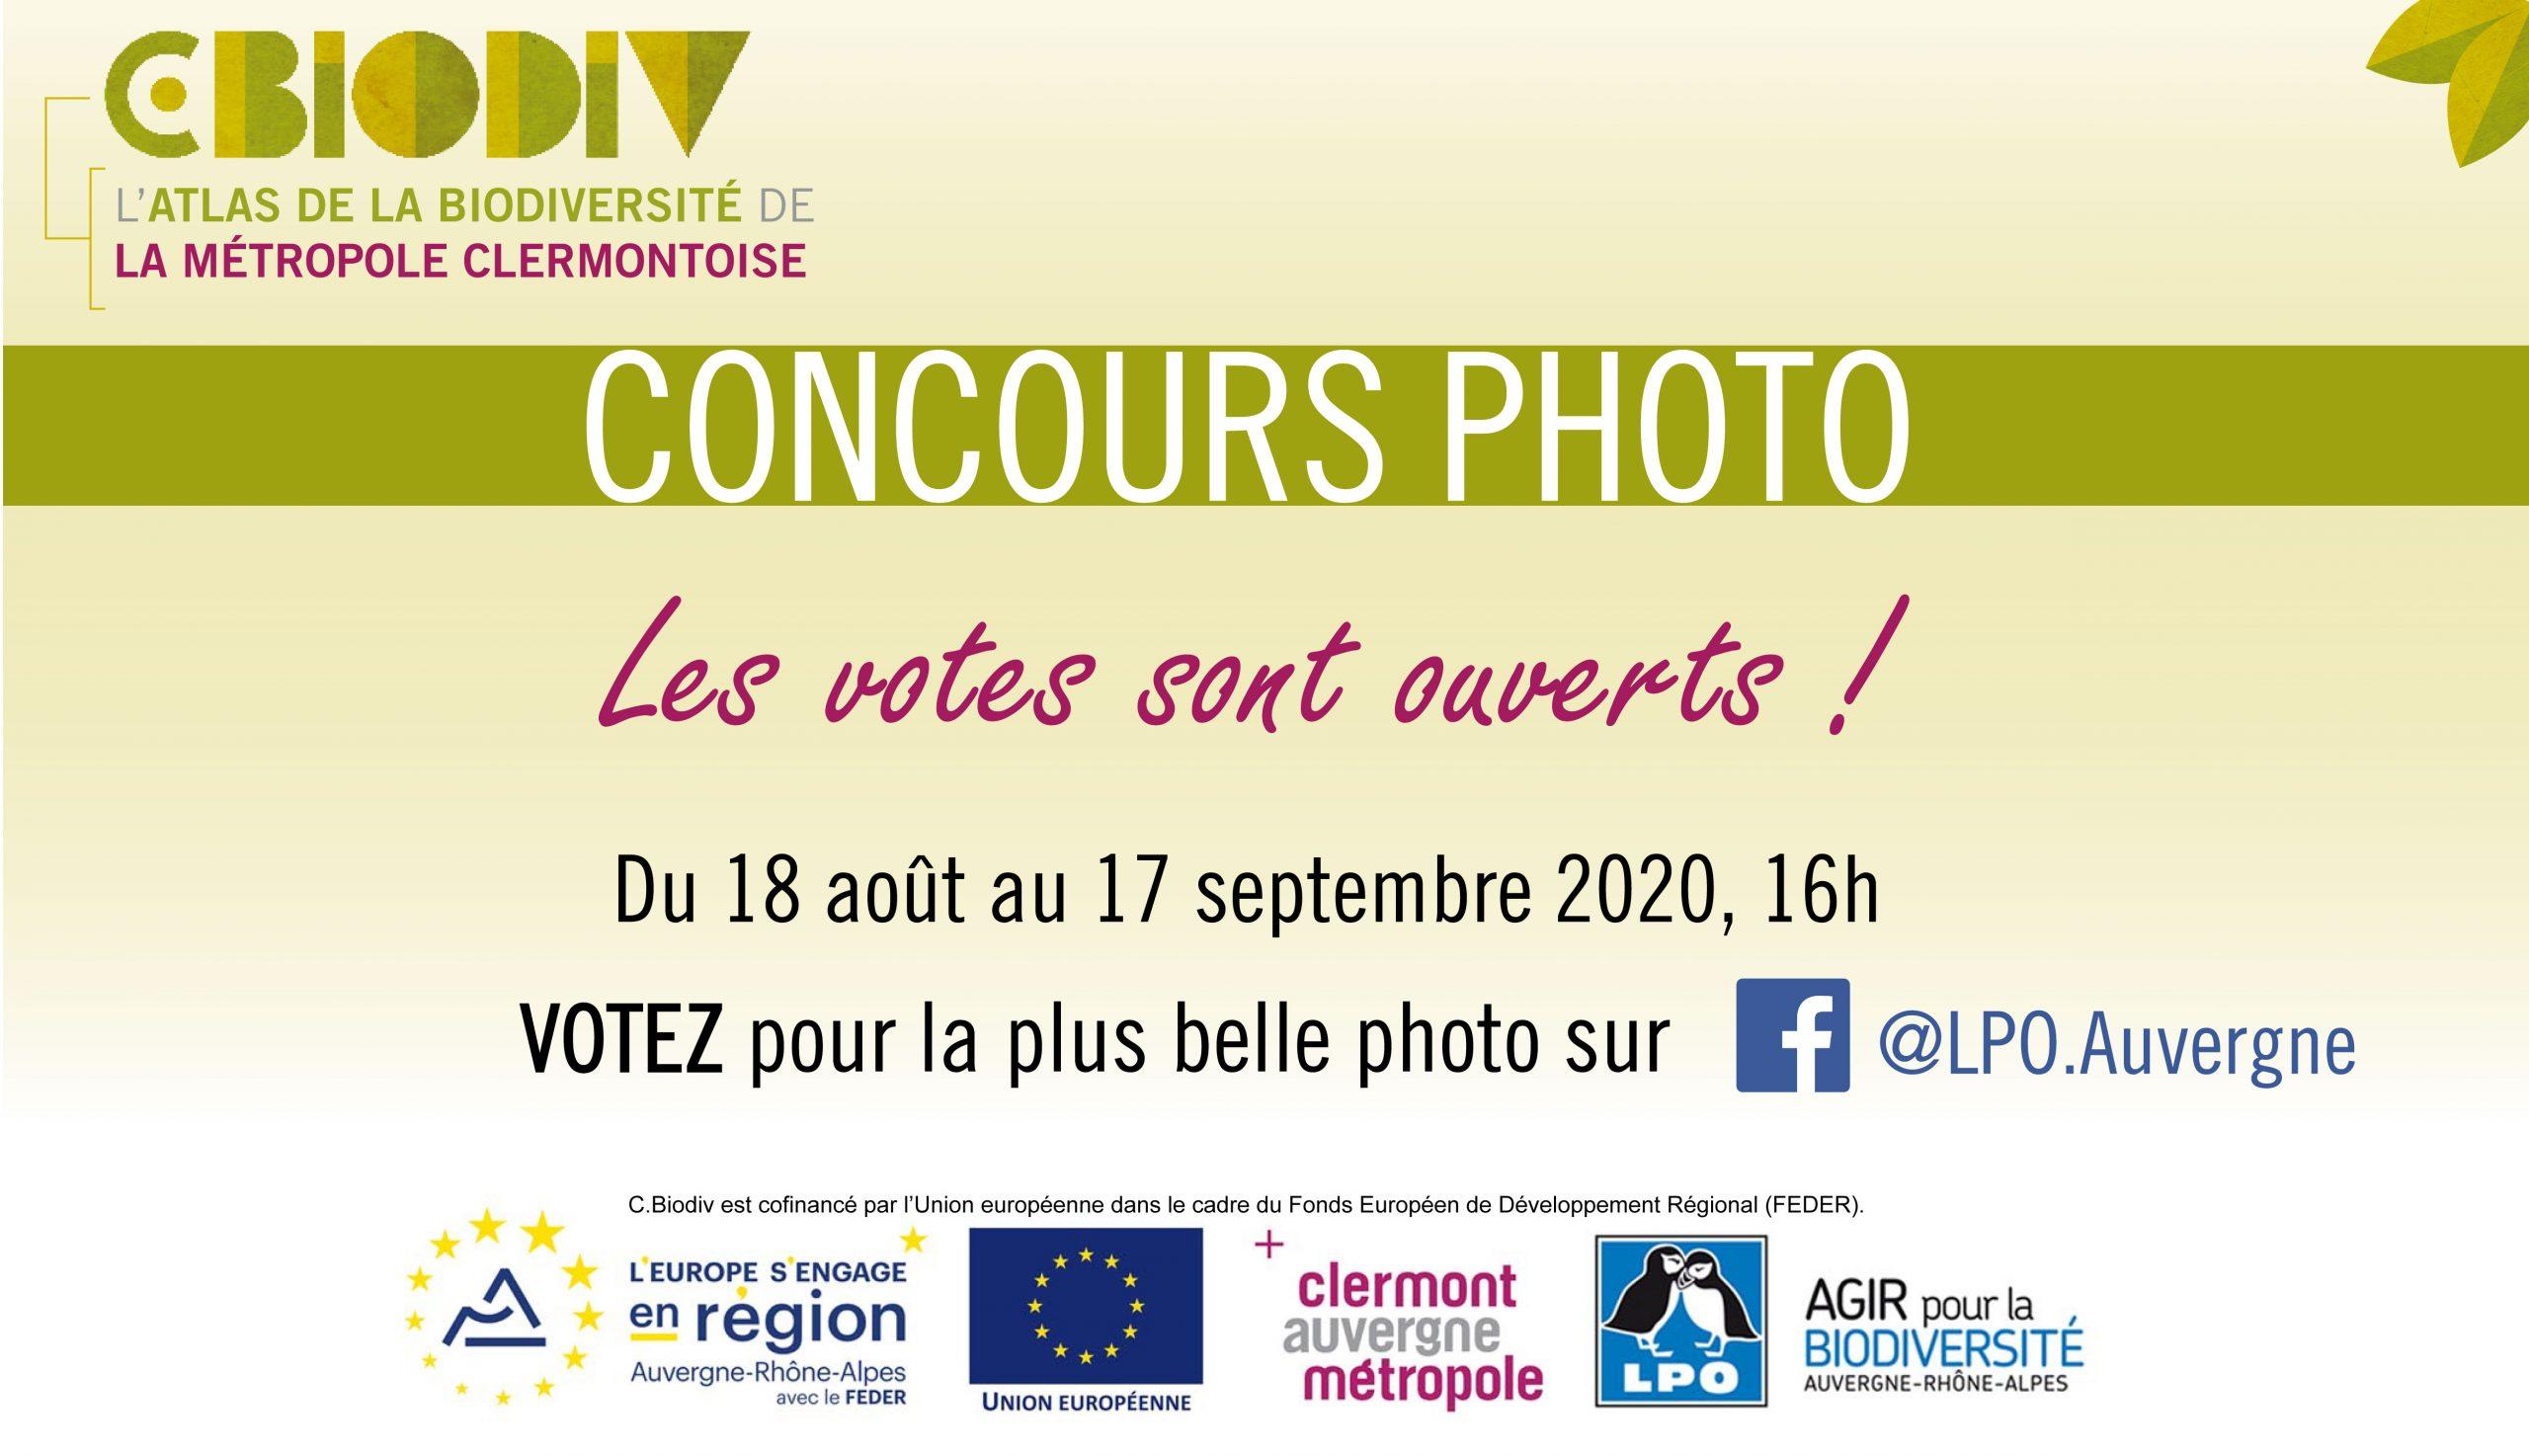 CONCOURS PHOTO DE L'ÉTÉ